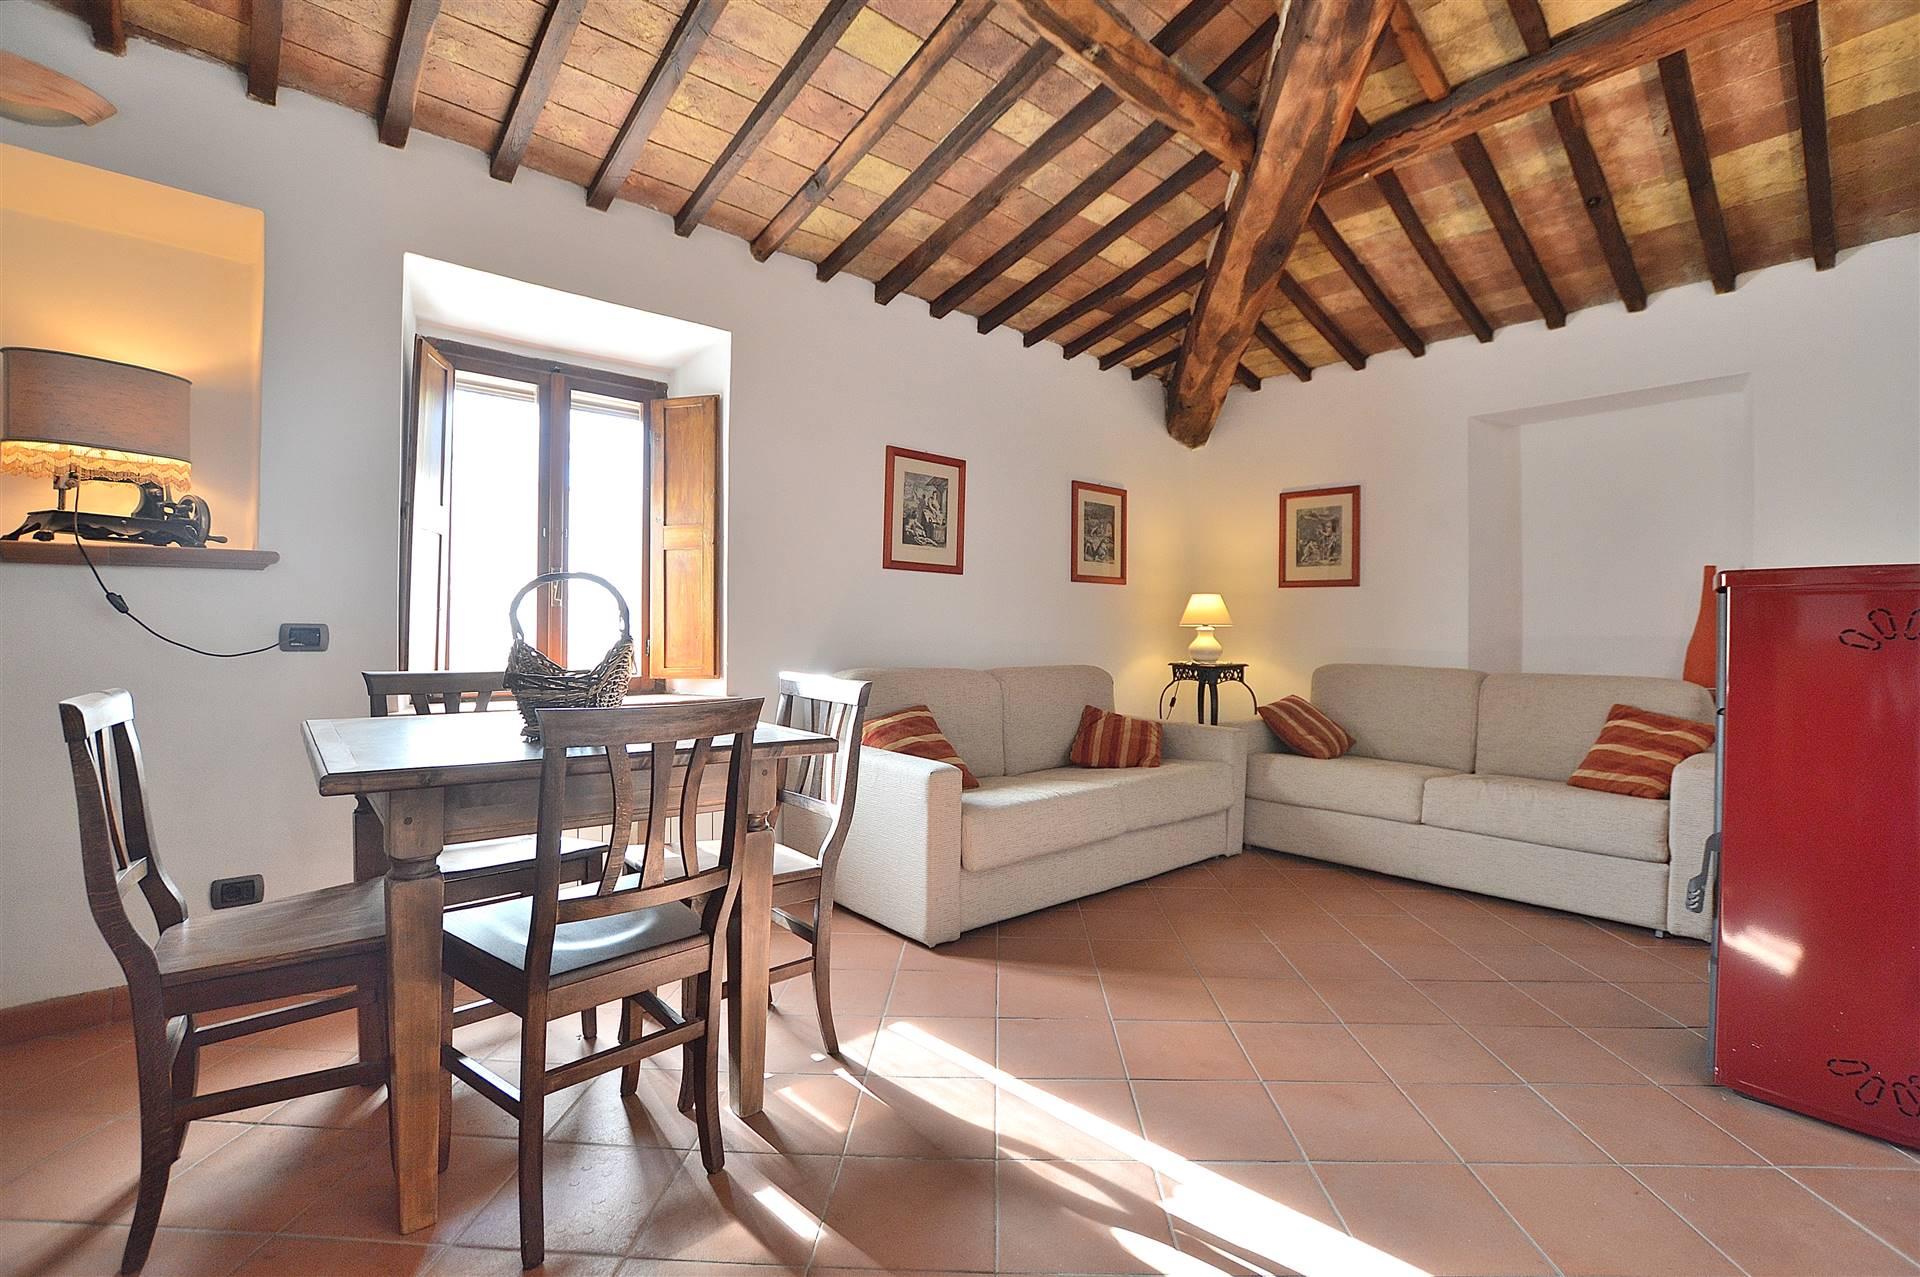 Nelle vicinanze di Casciano di Murlo, in piccolo e caratteristico borgo , proponiamo appartamento ristrutturato in pietra con ingresso indipendente